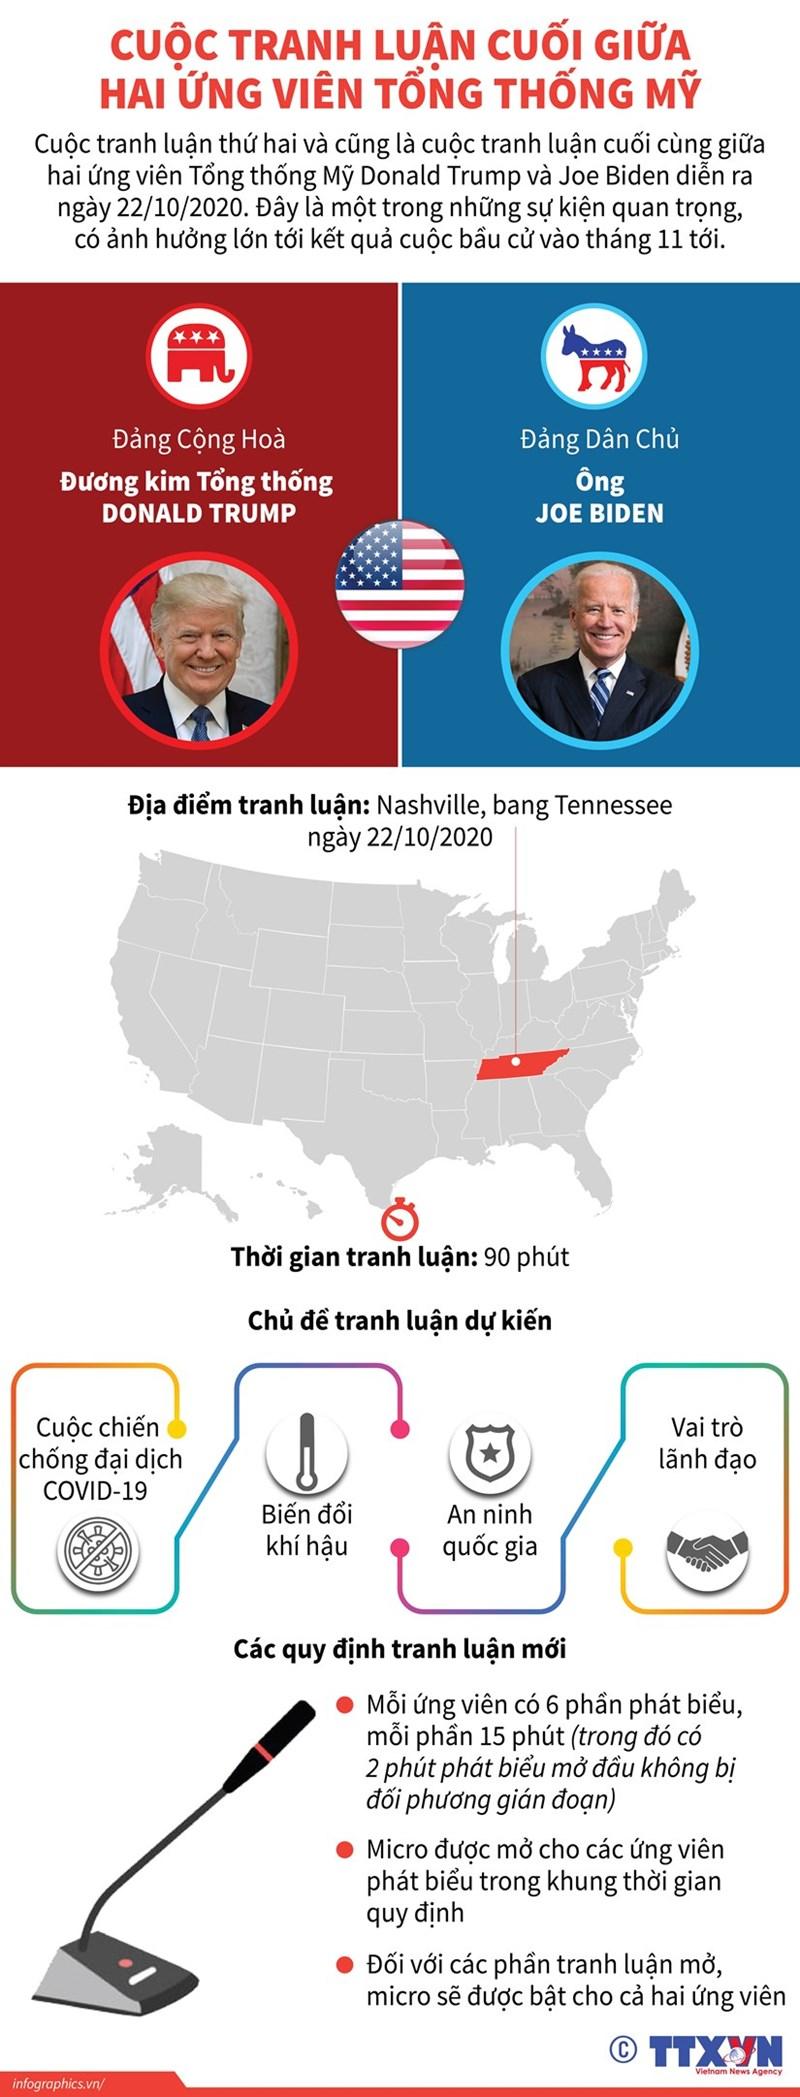 [Infographics] Cuộc tranh luận cuối giữa hai ứng viên Tổng thống Mỹ - Ảnh 1